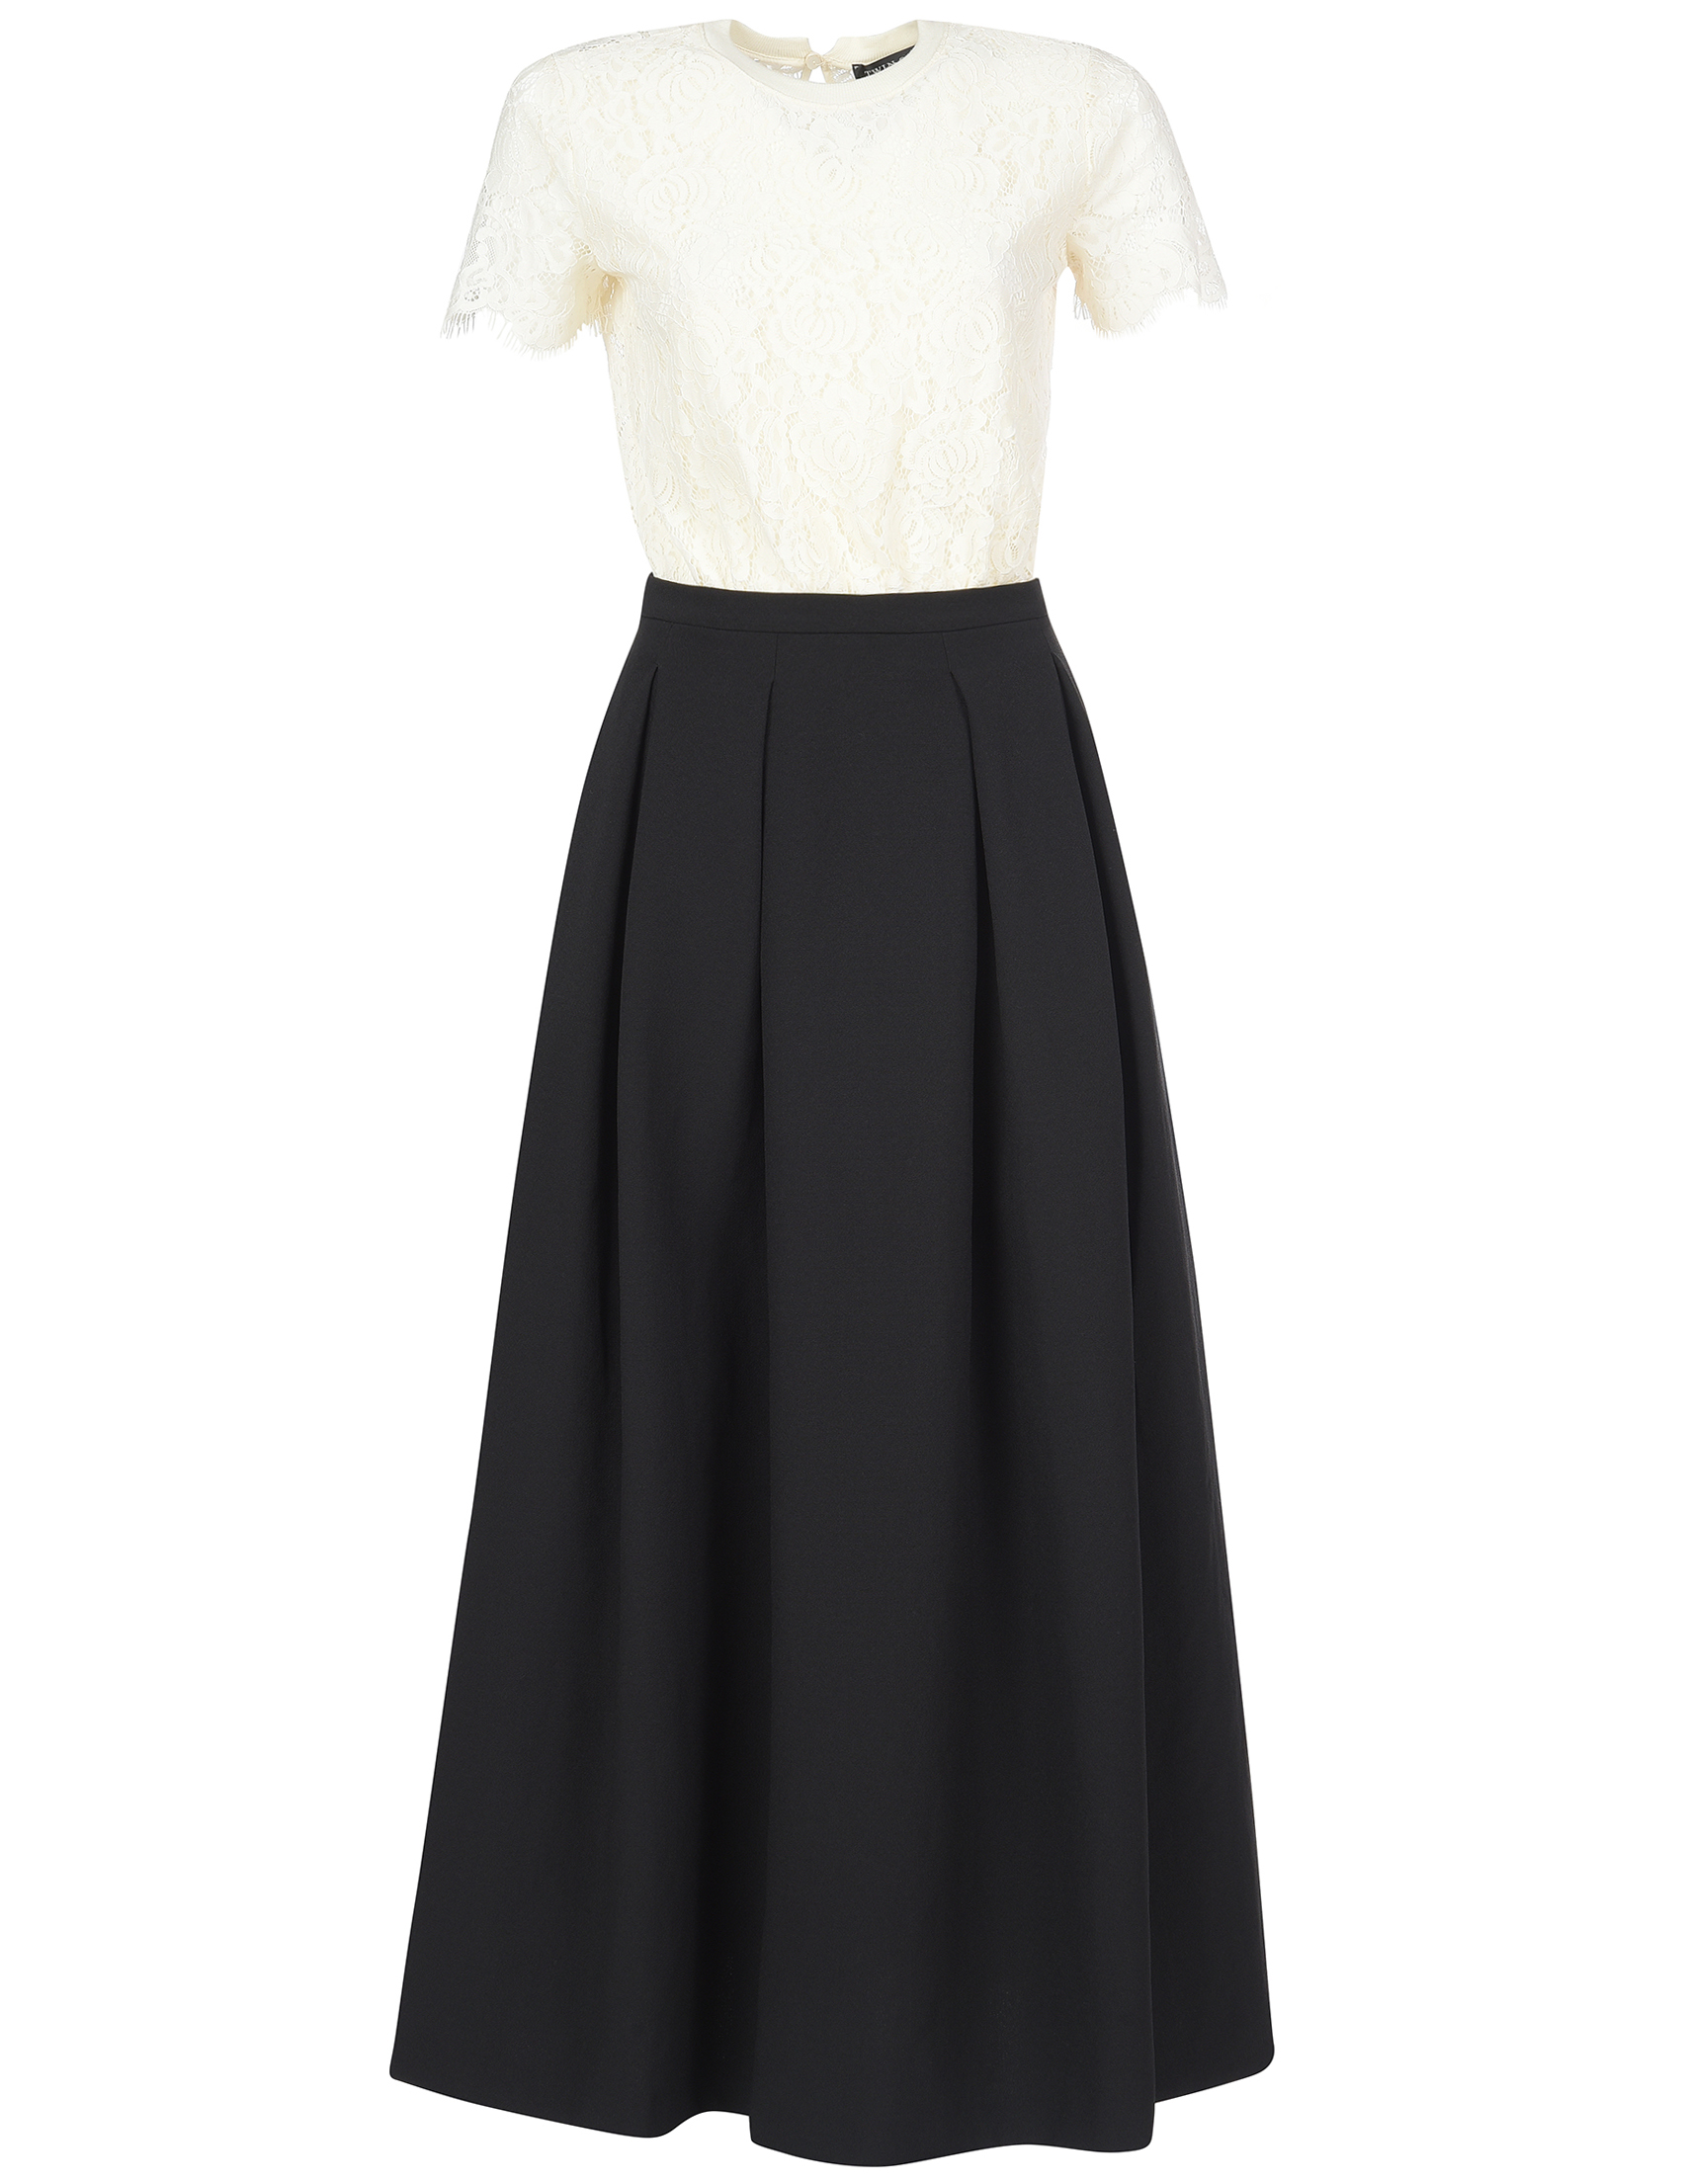 Купить Платье, TWIN-SET, Черный, 100%Полиэстер;61%Хлопок 23%Полиамид 16%Эластан, Осень-Зима